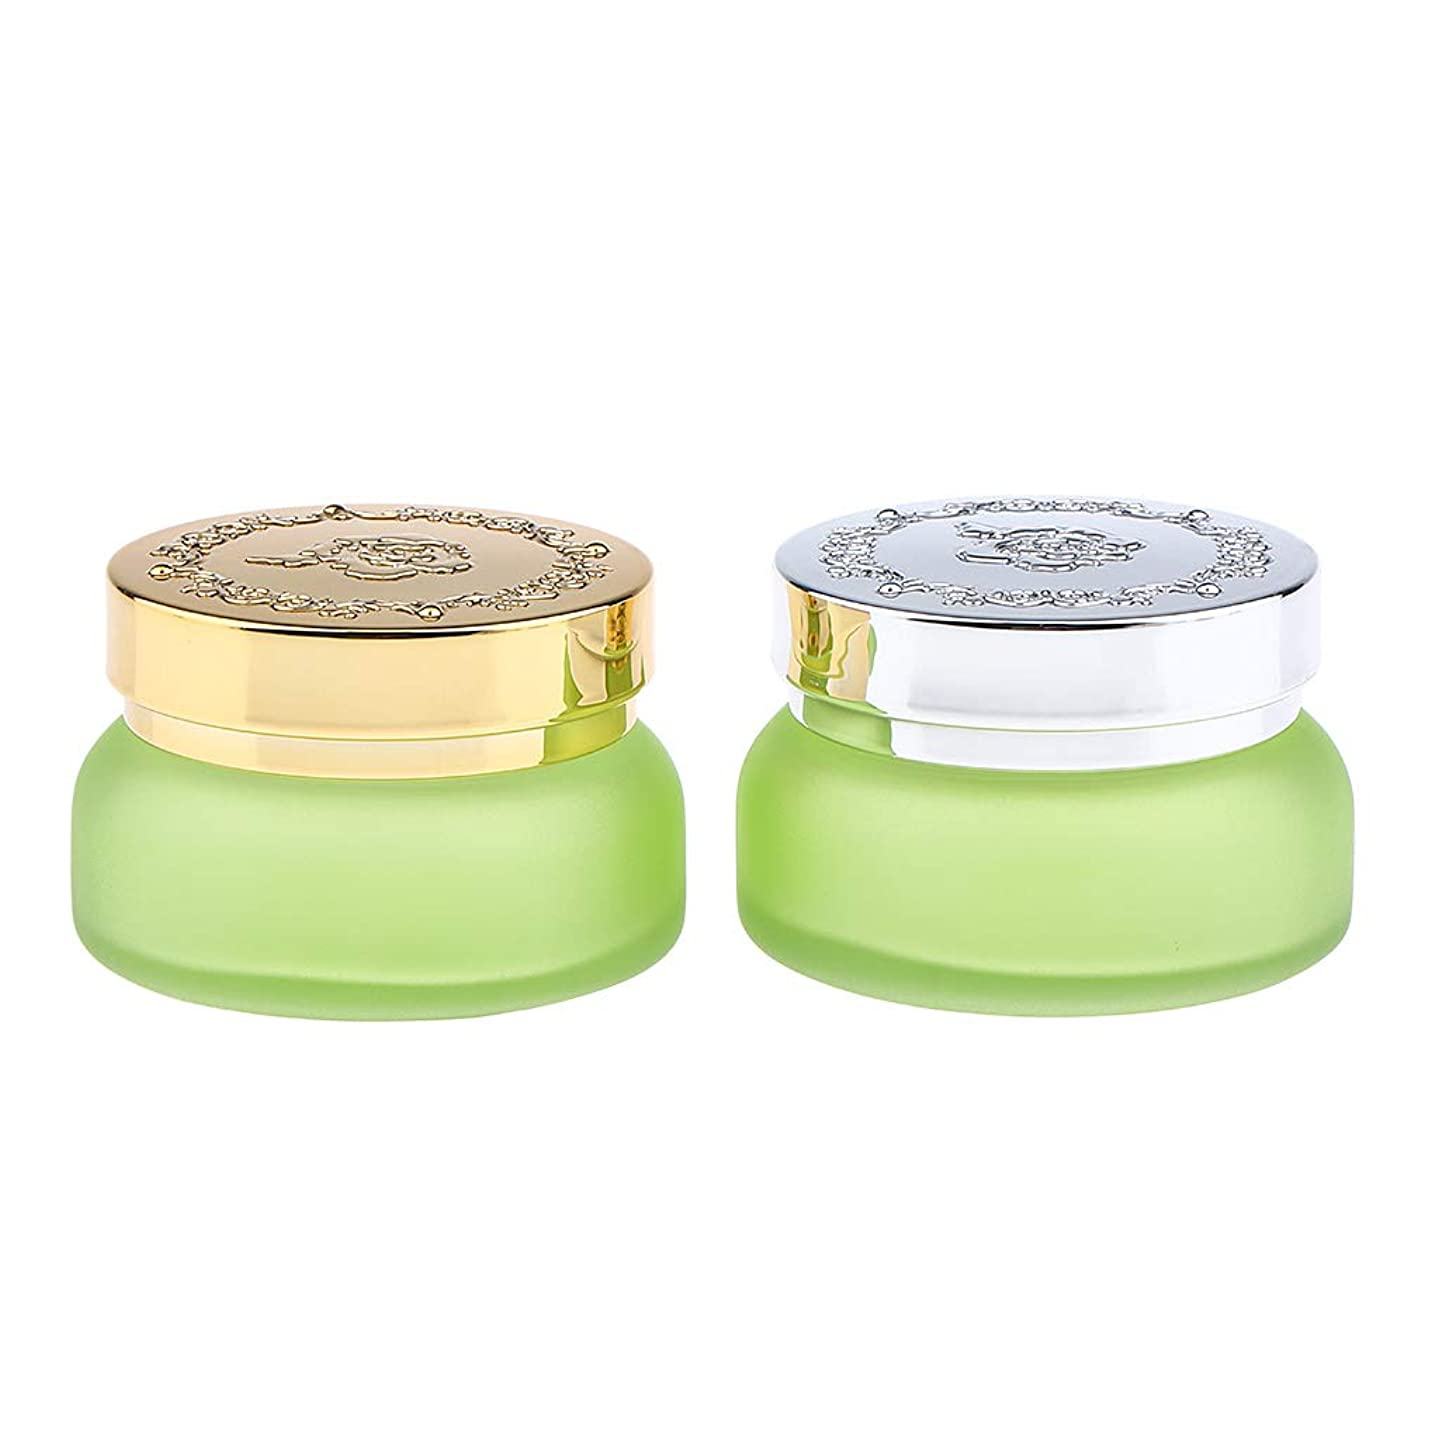 準備滅多シアーDYNWAVE 空き缶 詰め替え容器 クリームケース 小分けボトル 化粧品 クリーム収納ボックス 2個 全2サイズ - 容量30g